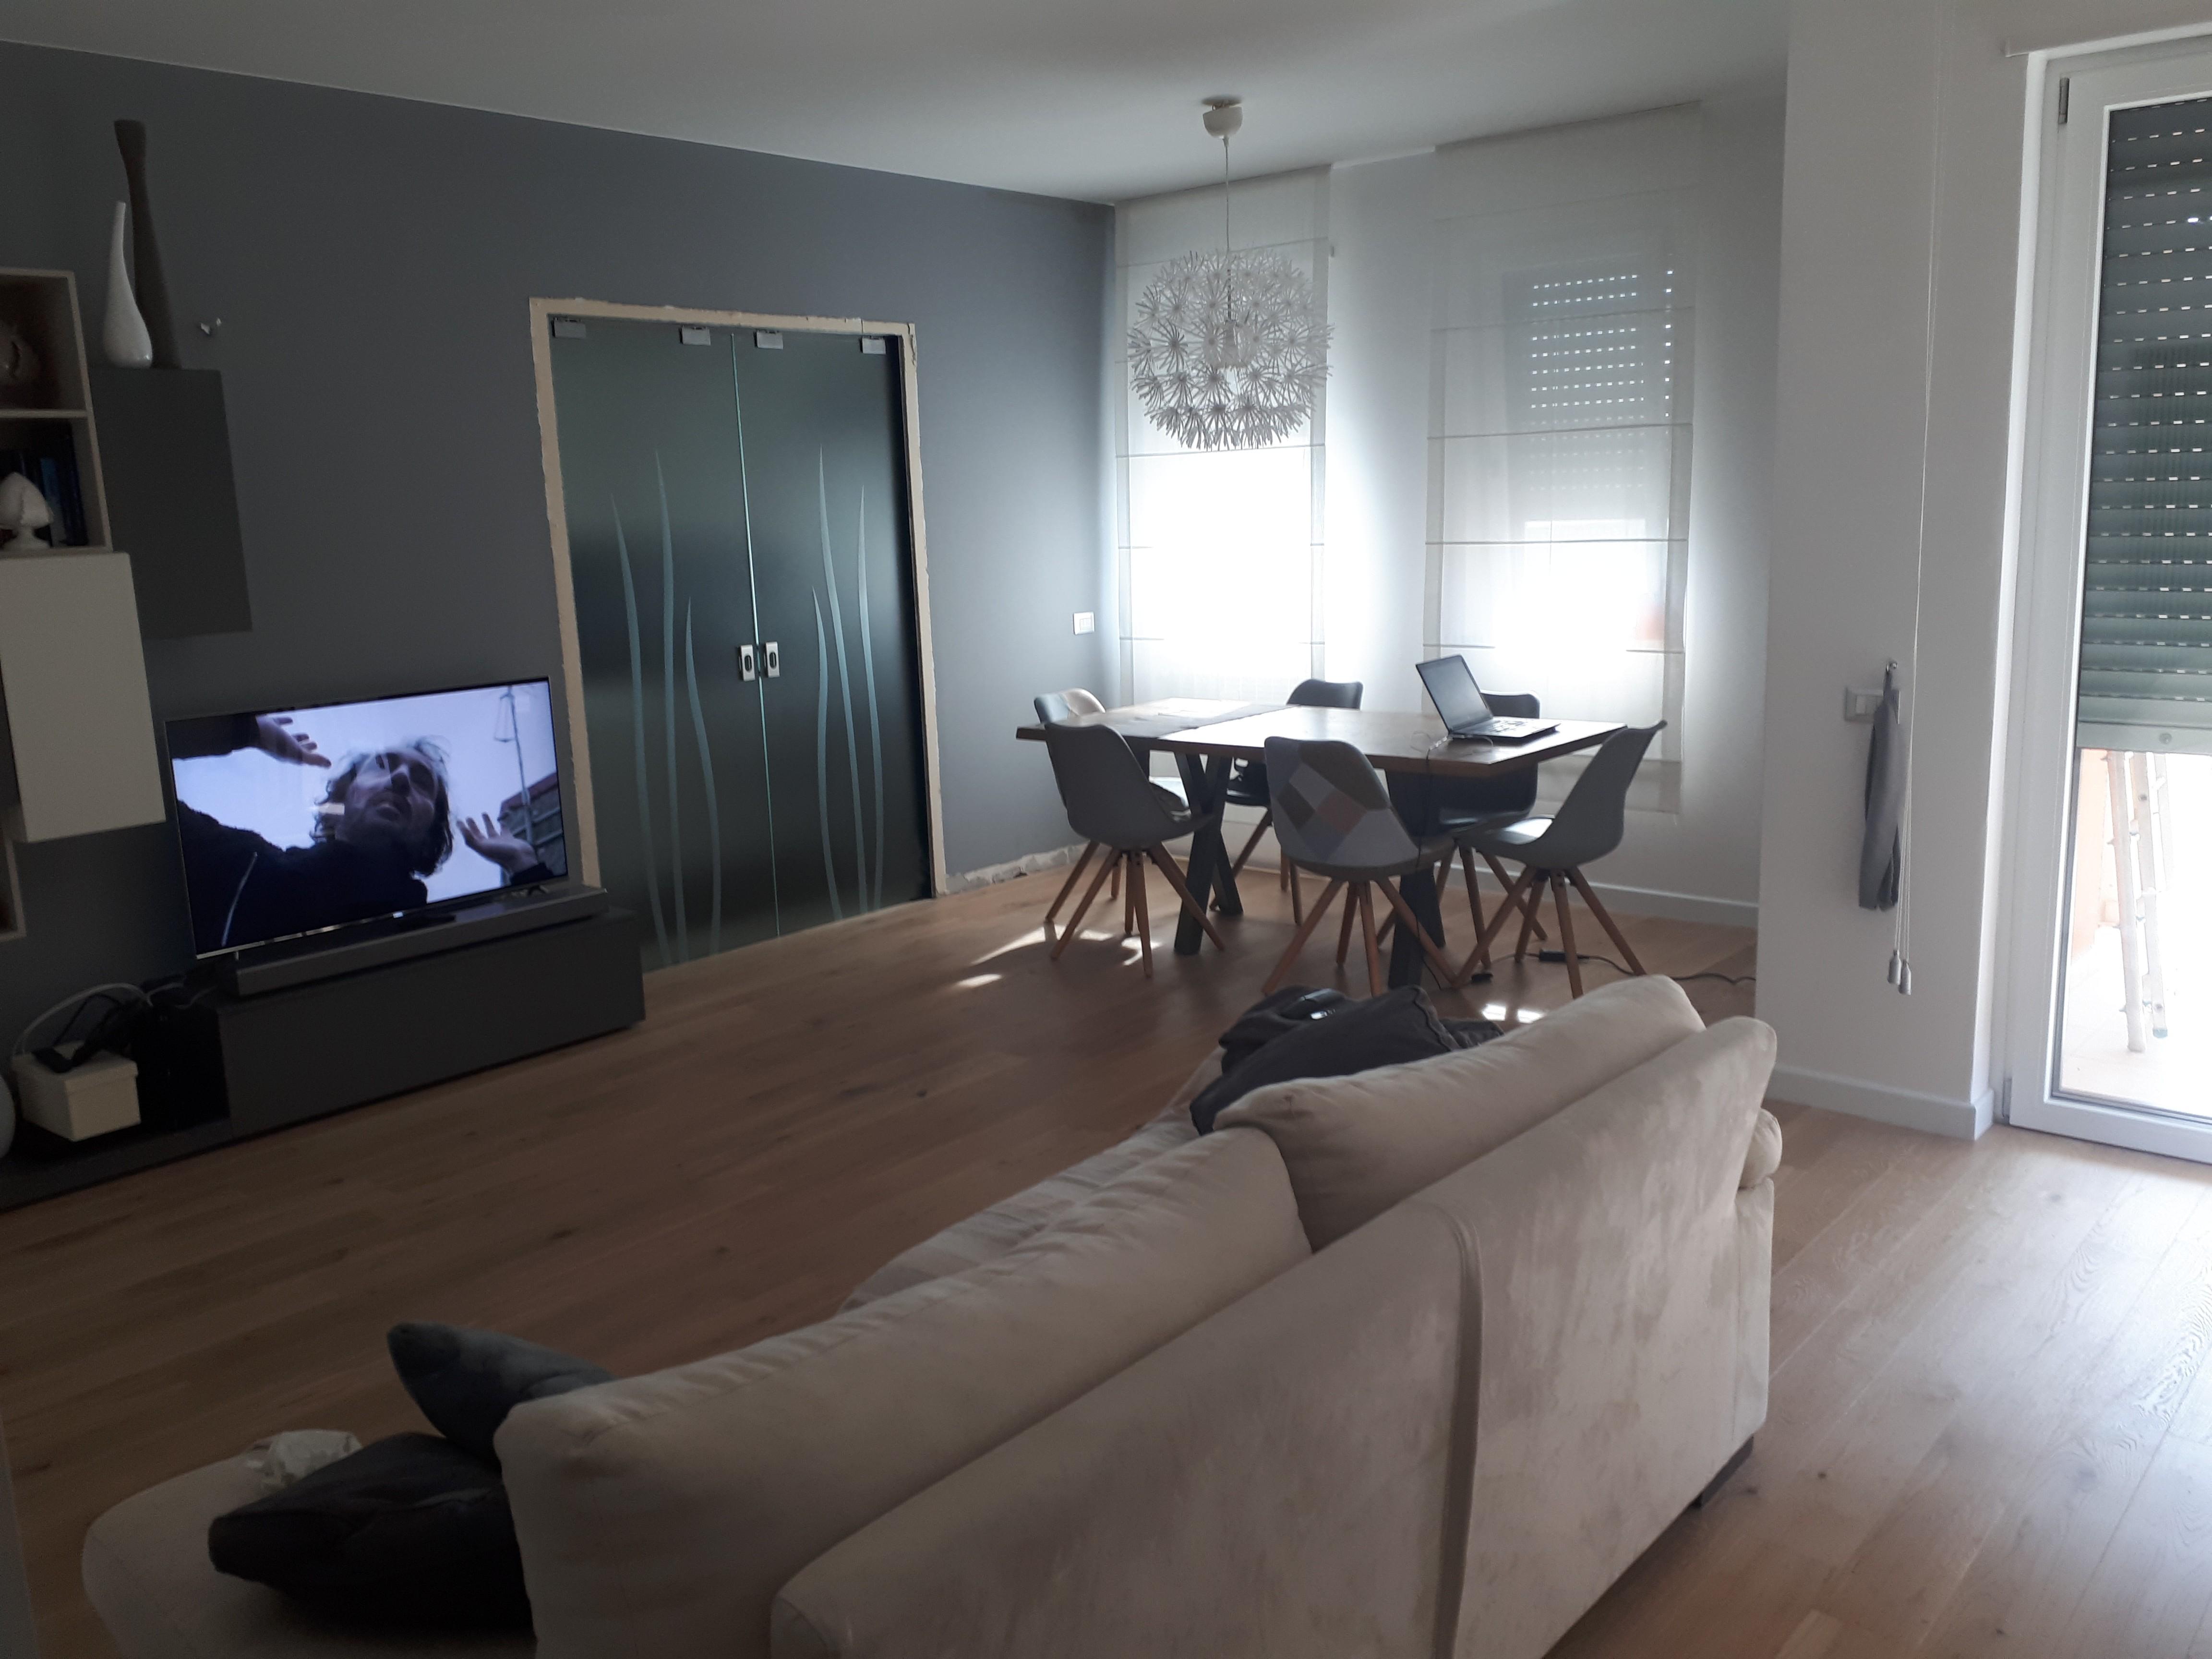 Forum Arredamento.it •Disposizione mobili soggiorno